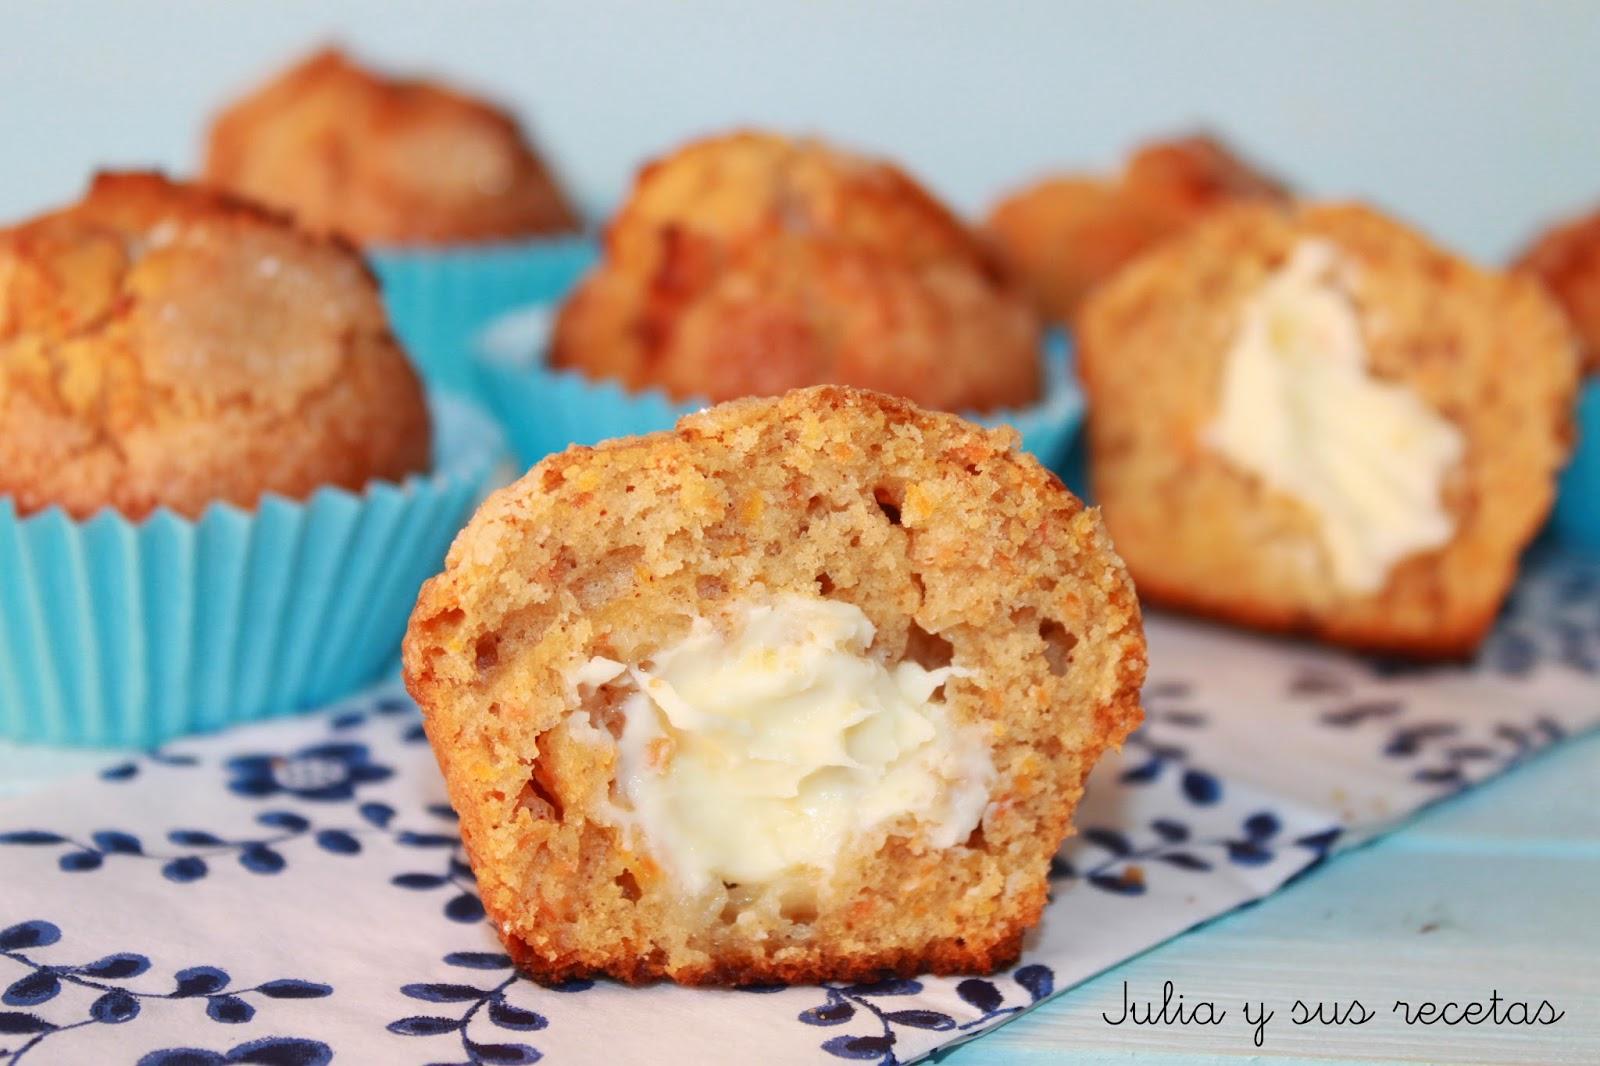 Julia y sus recetas muffins de zanahoria rellenos de - Madalenas o magdalenas ...